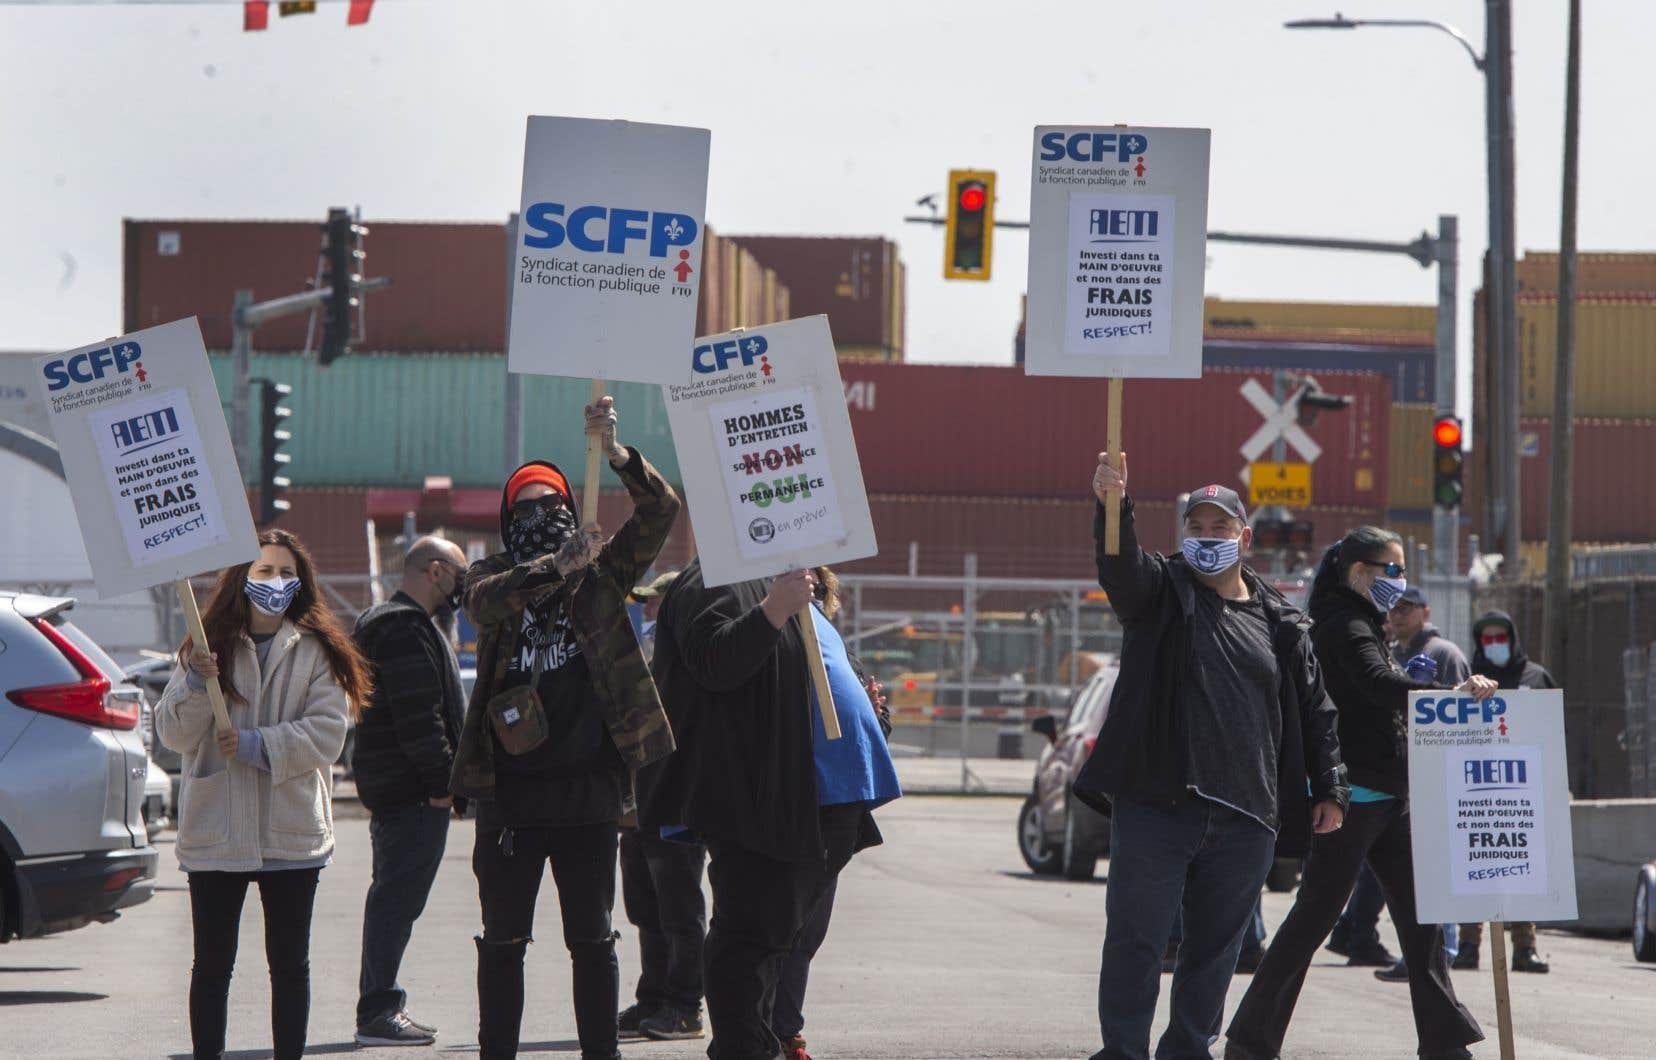 Les travailleurs du Port de Montréal sont sans contrat de travail depuis décembre 2018 et ont commencé à refuser les heures supplémentaires et le travail de fin de semaine plus tôt ce mois-ci.